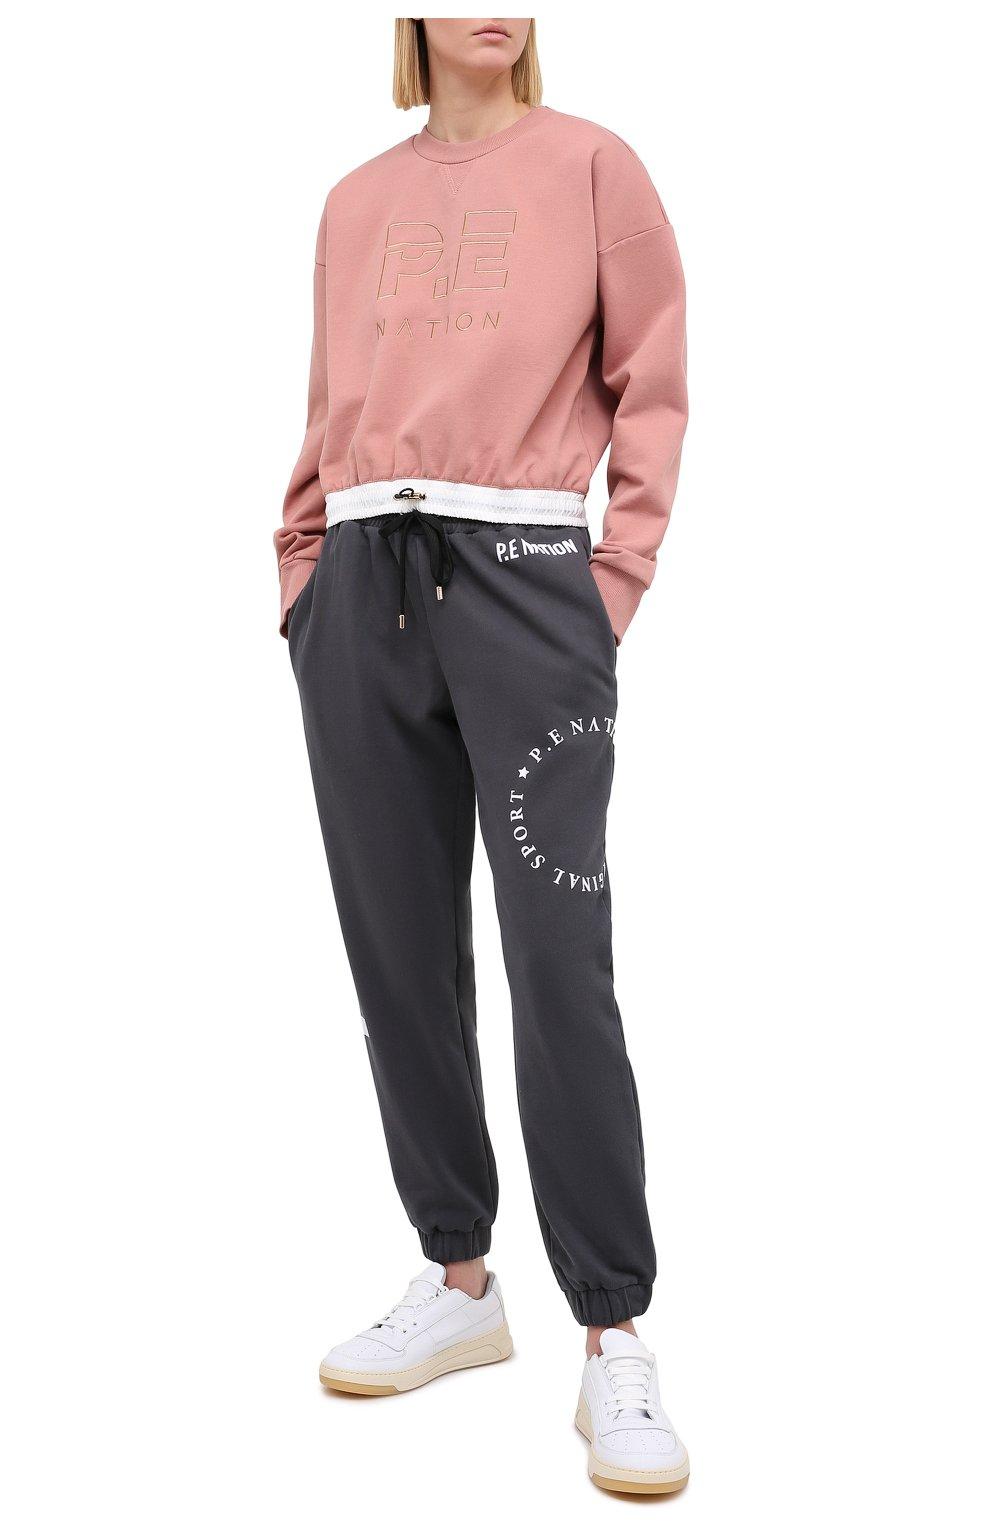 Женский хлопковый свитшот P.E. NATION розового цвета, арт. 20PE2F113 | Фото 2 (Рукава: Длинные; Кросс-КТ: Спорт; Длина (для топов): Стандартные; Женское Кросс-КТ: Свитшот-спорт; Материал внешний: Хлопок; Стили: Спорт-шик)